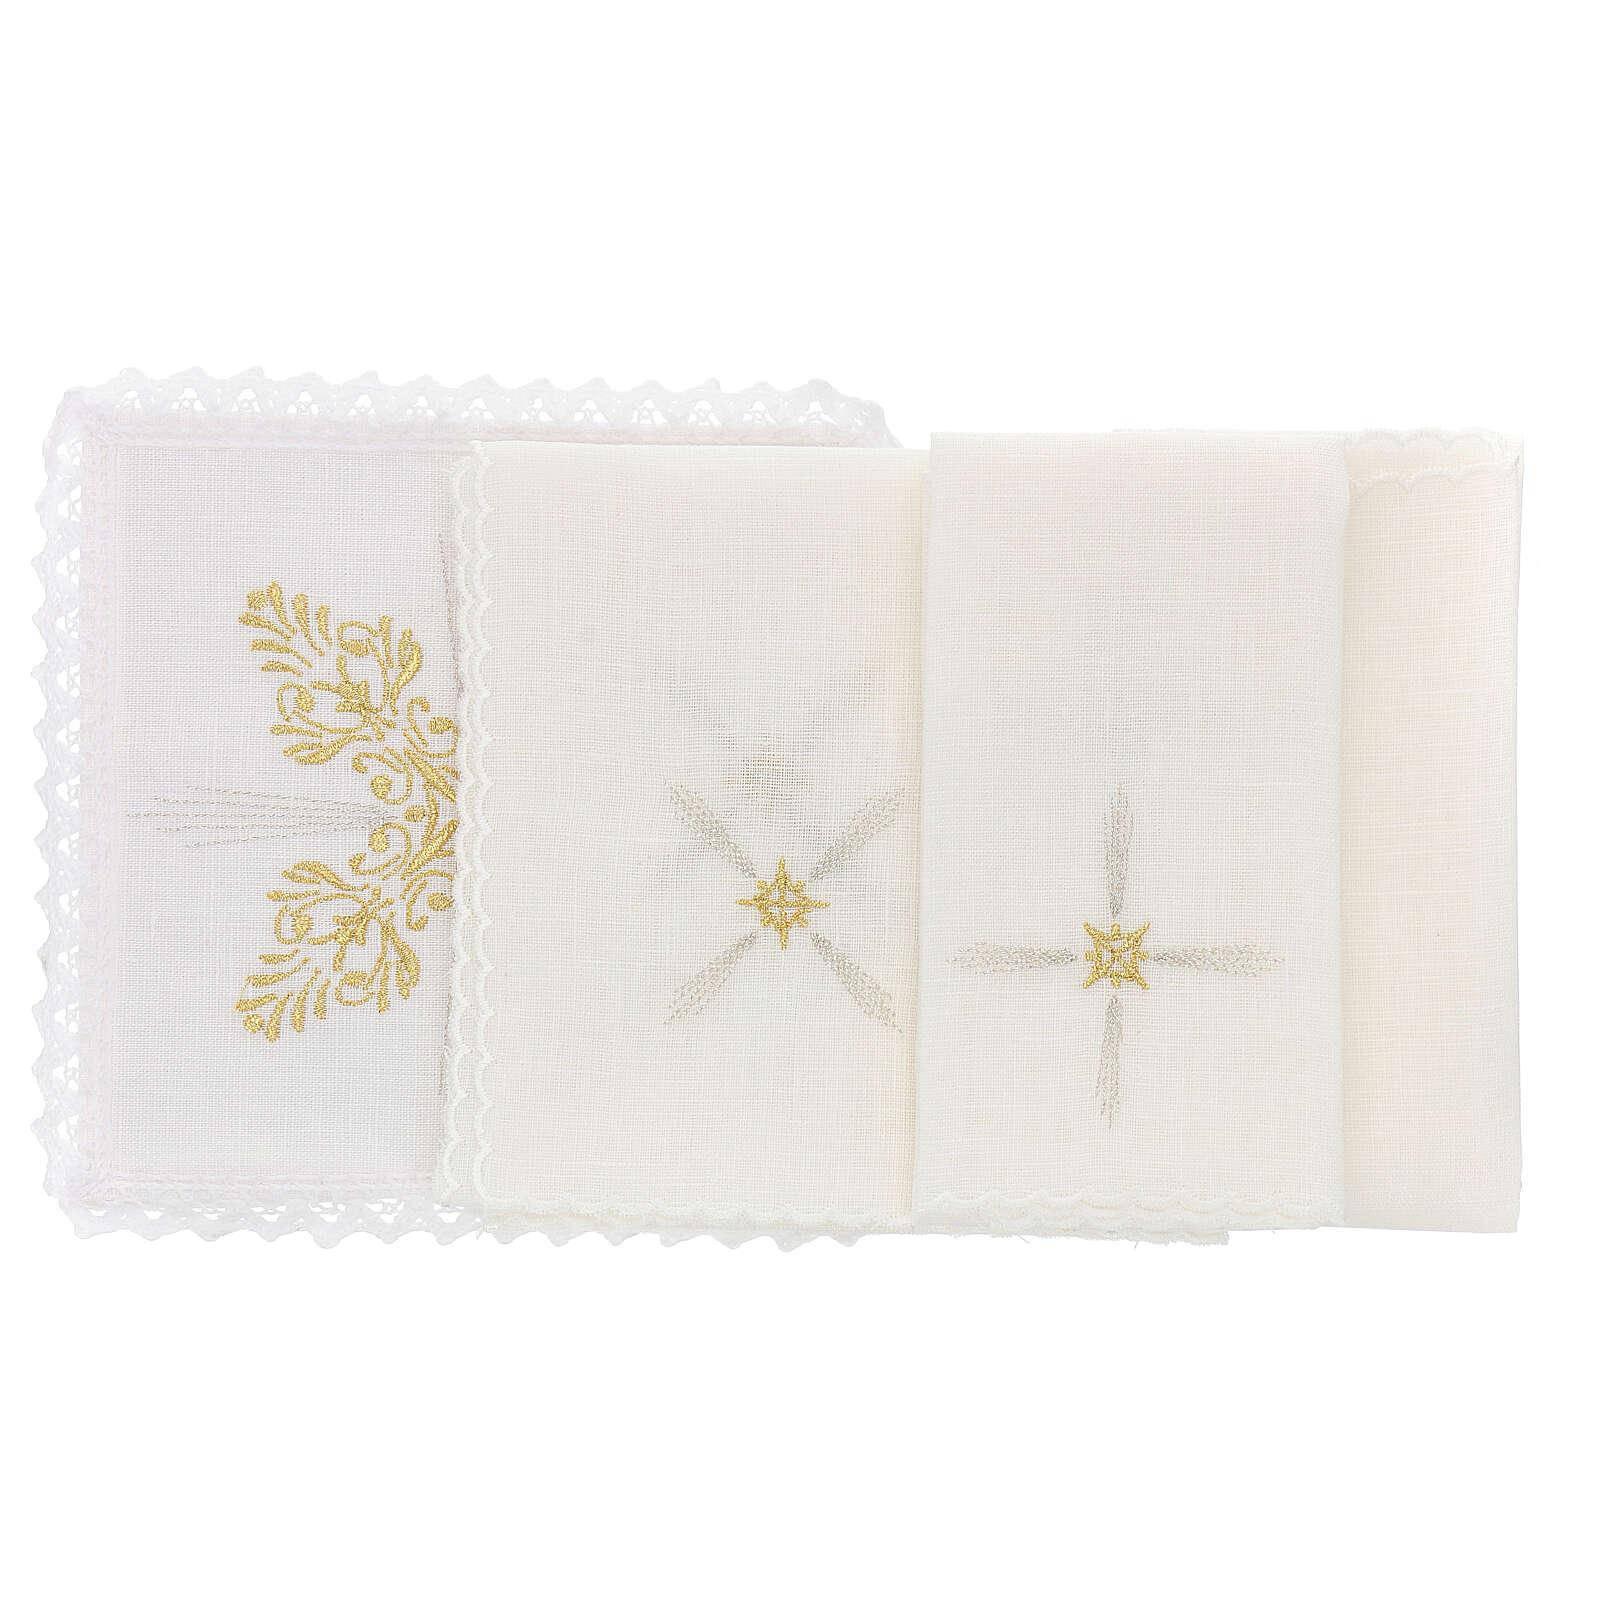 Bielizna kielichowa len dekoracje kwieciste styl barokowy 4